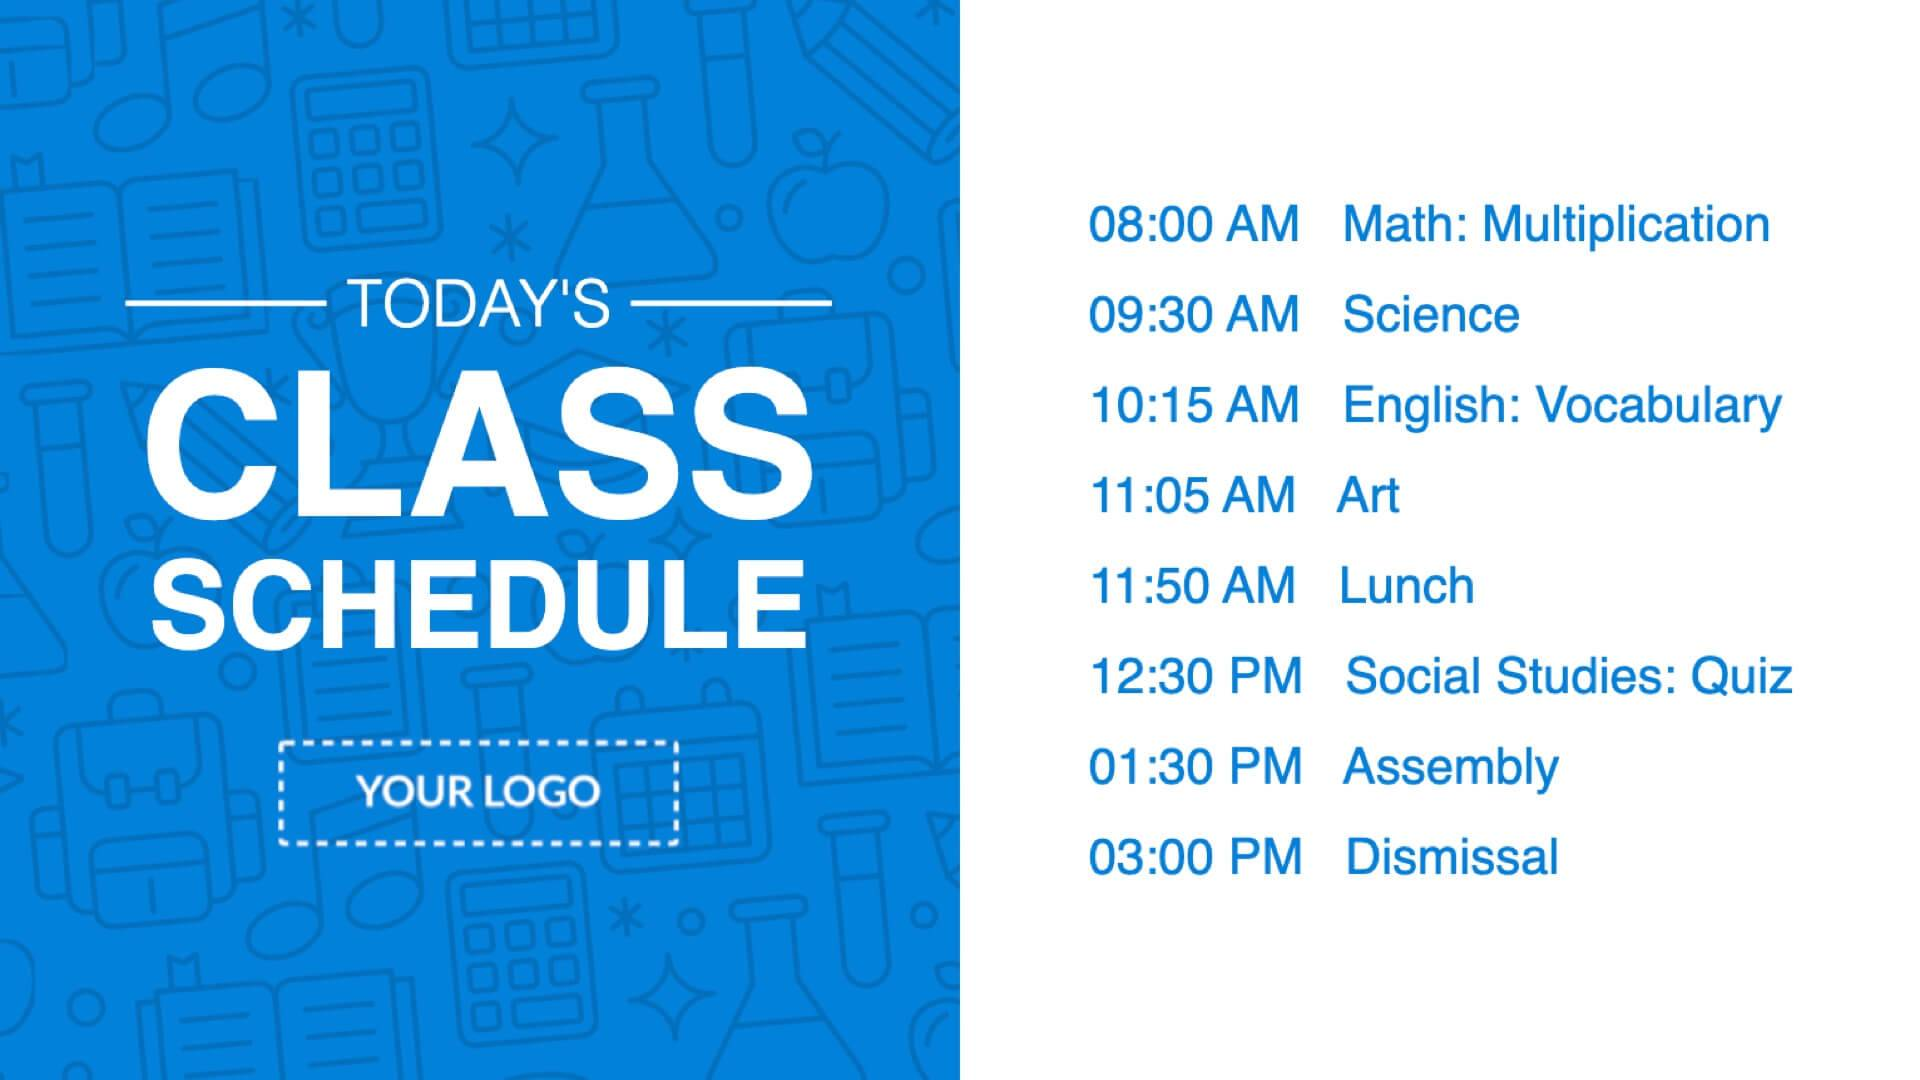 Class Schedule Digital Signage Template